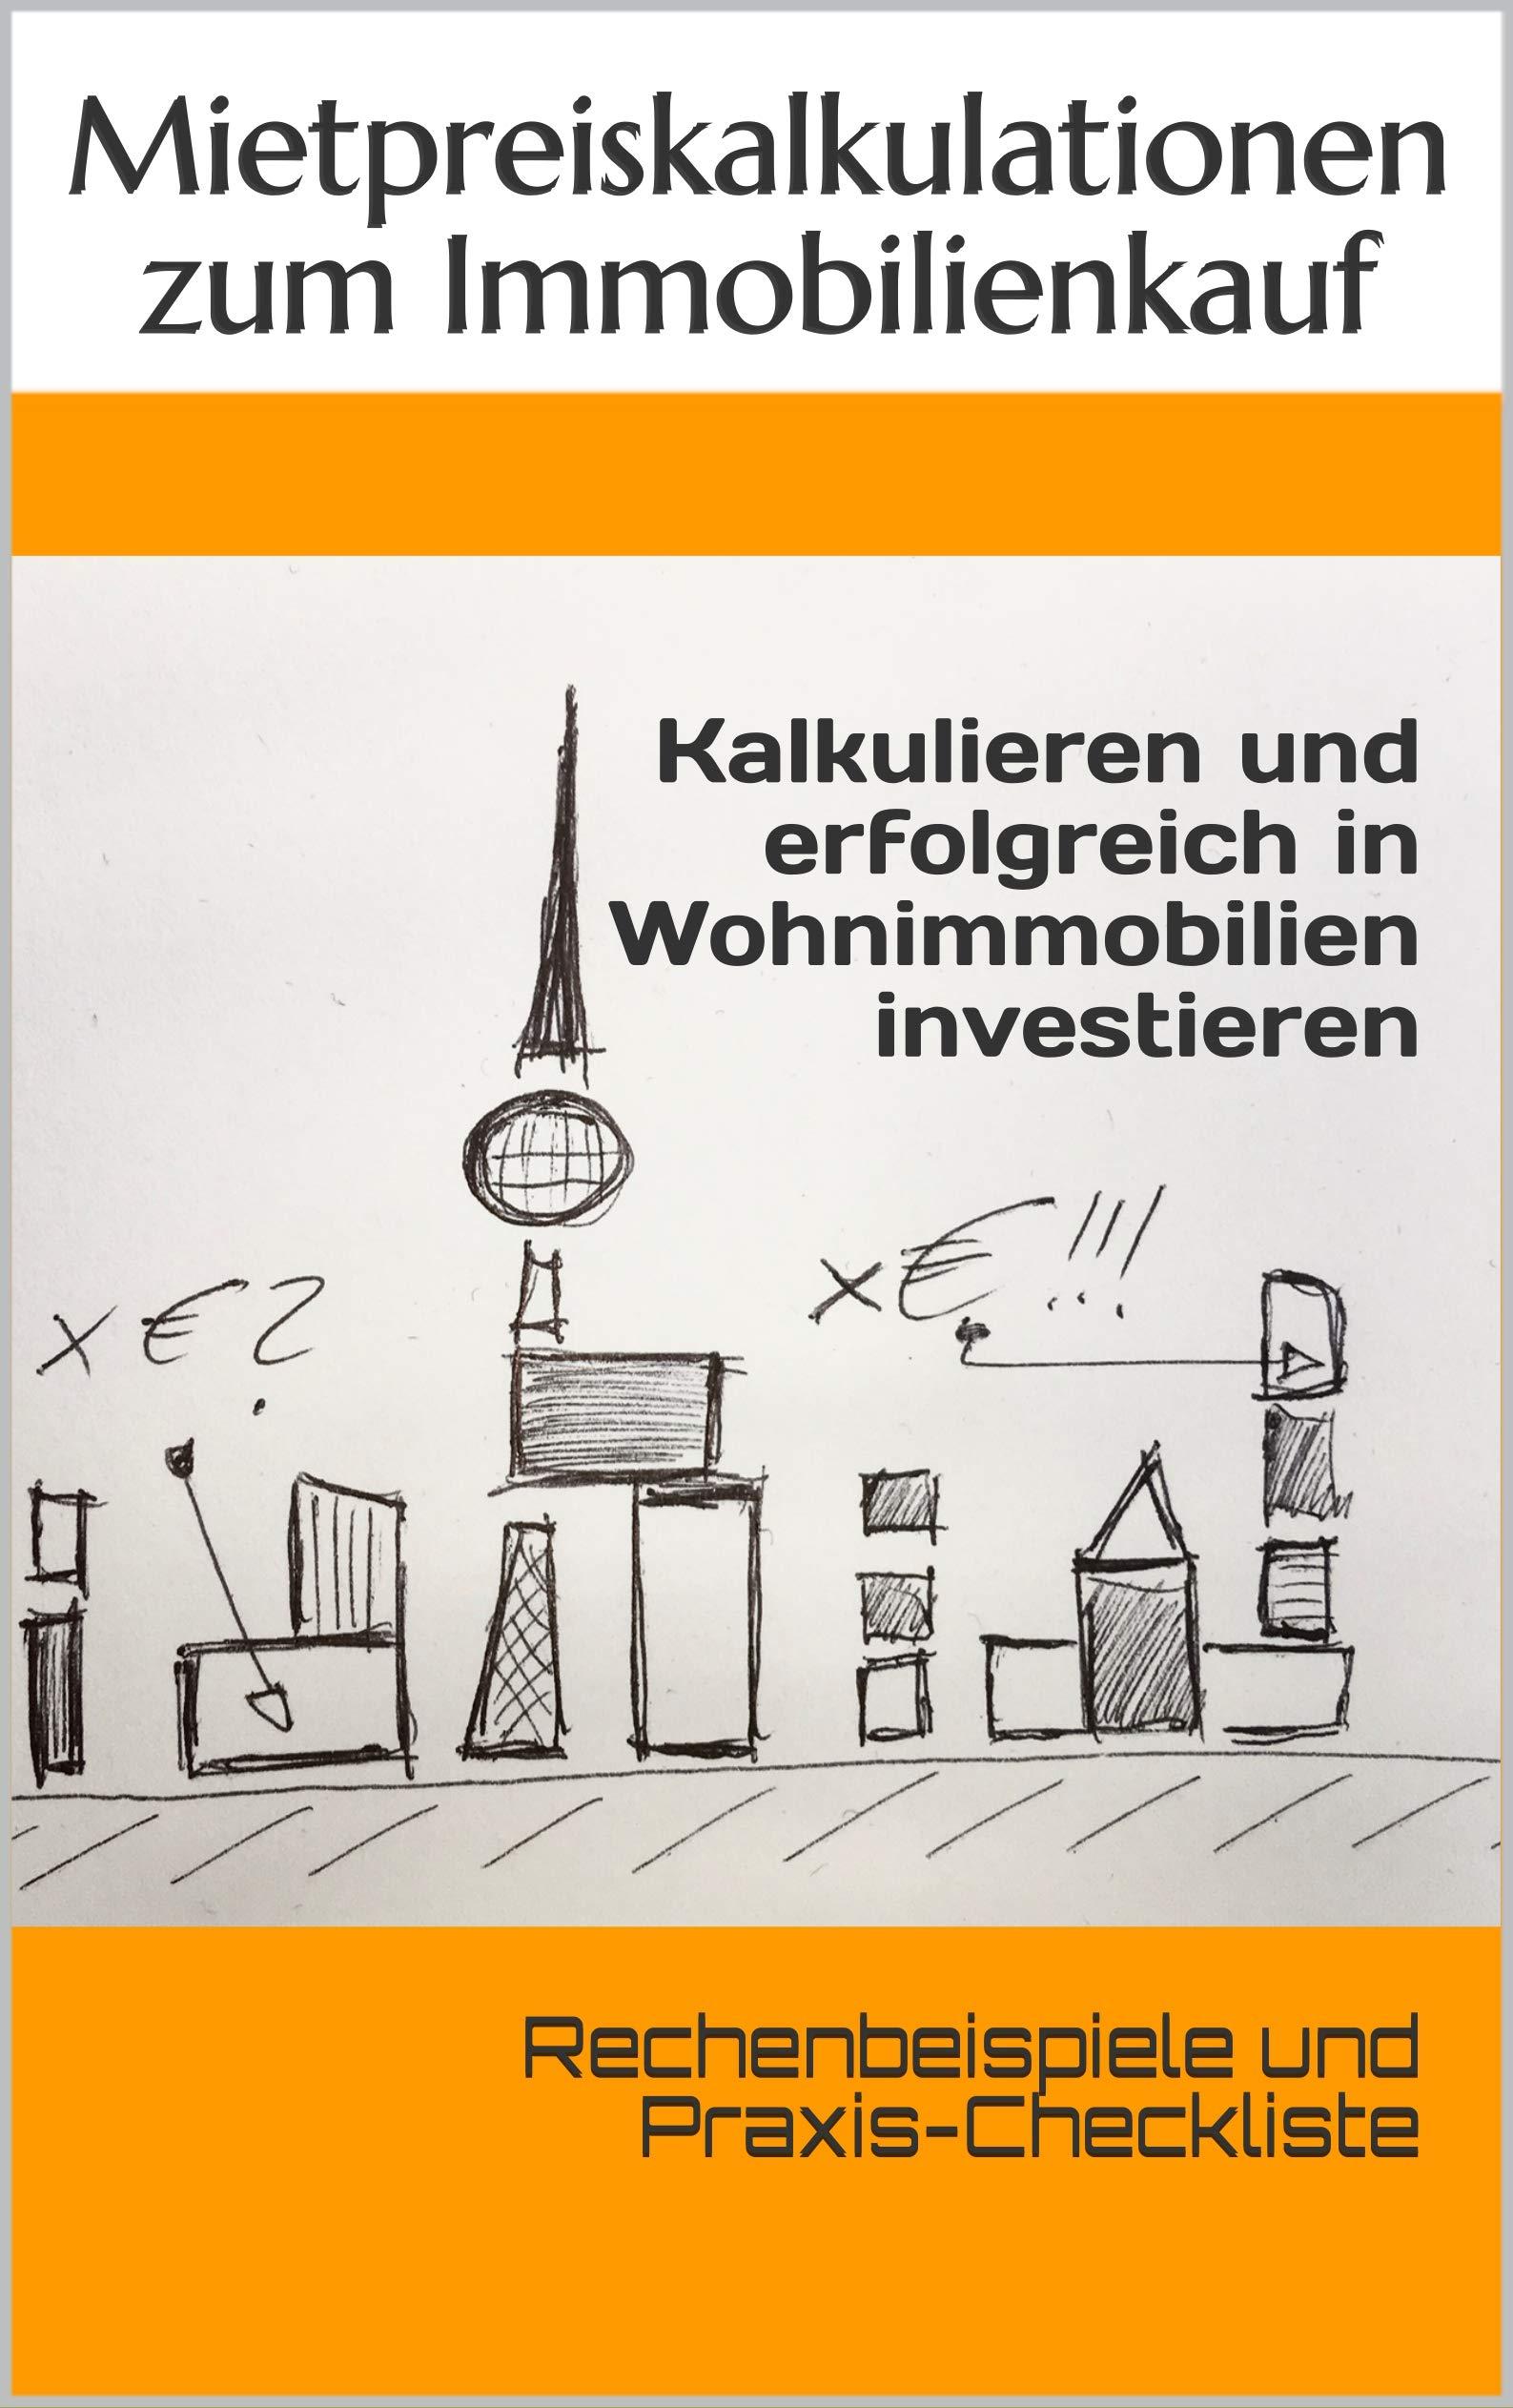 Kalkulieren und erfolgreich in Wohnimmobilien investieren: Rechenbeispiele und Praxis-Checkliste (German Edition)